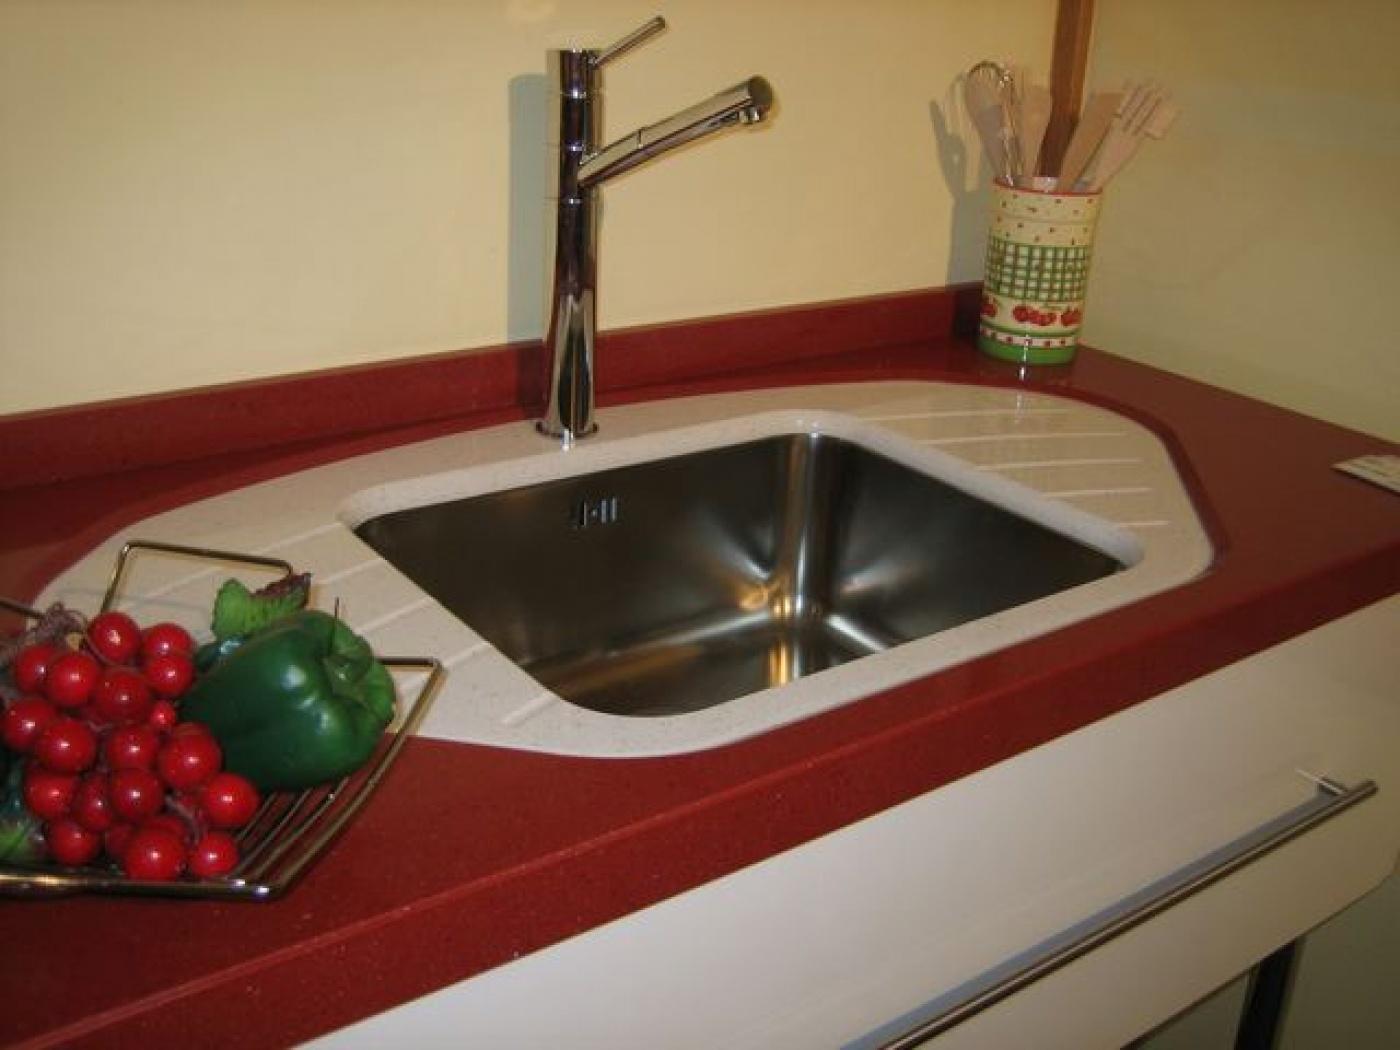 Granit Plan de travail design bi-color en quartz rouge New Rubino et blanco Paloma. Egouttoir et cuve sous plan inox Franke.  Façonnage sur mesure posé par nos marbriers à La Valette (Var)